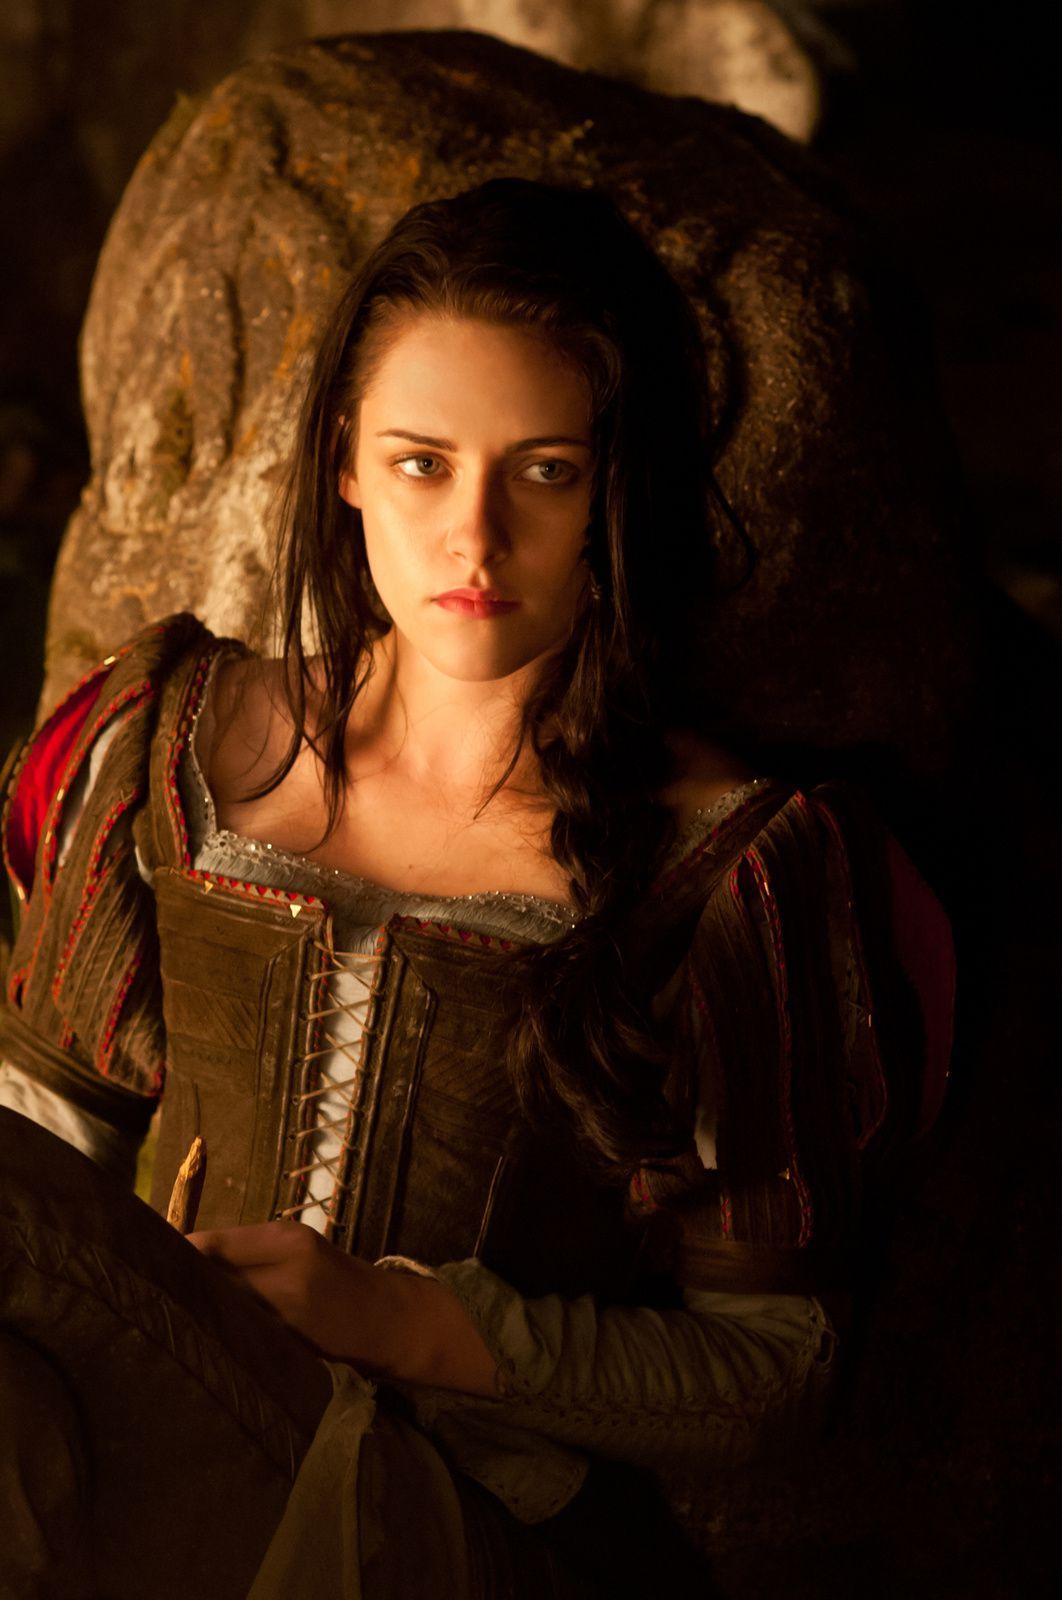 Voilà Blanche Neige, pucelle en armure comme une certaine Jeanne d'Arc, mais aussi pucelle qui parle au troll, qui se perd dans la forêt et qui rencontre des gens.